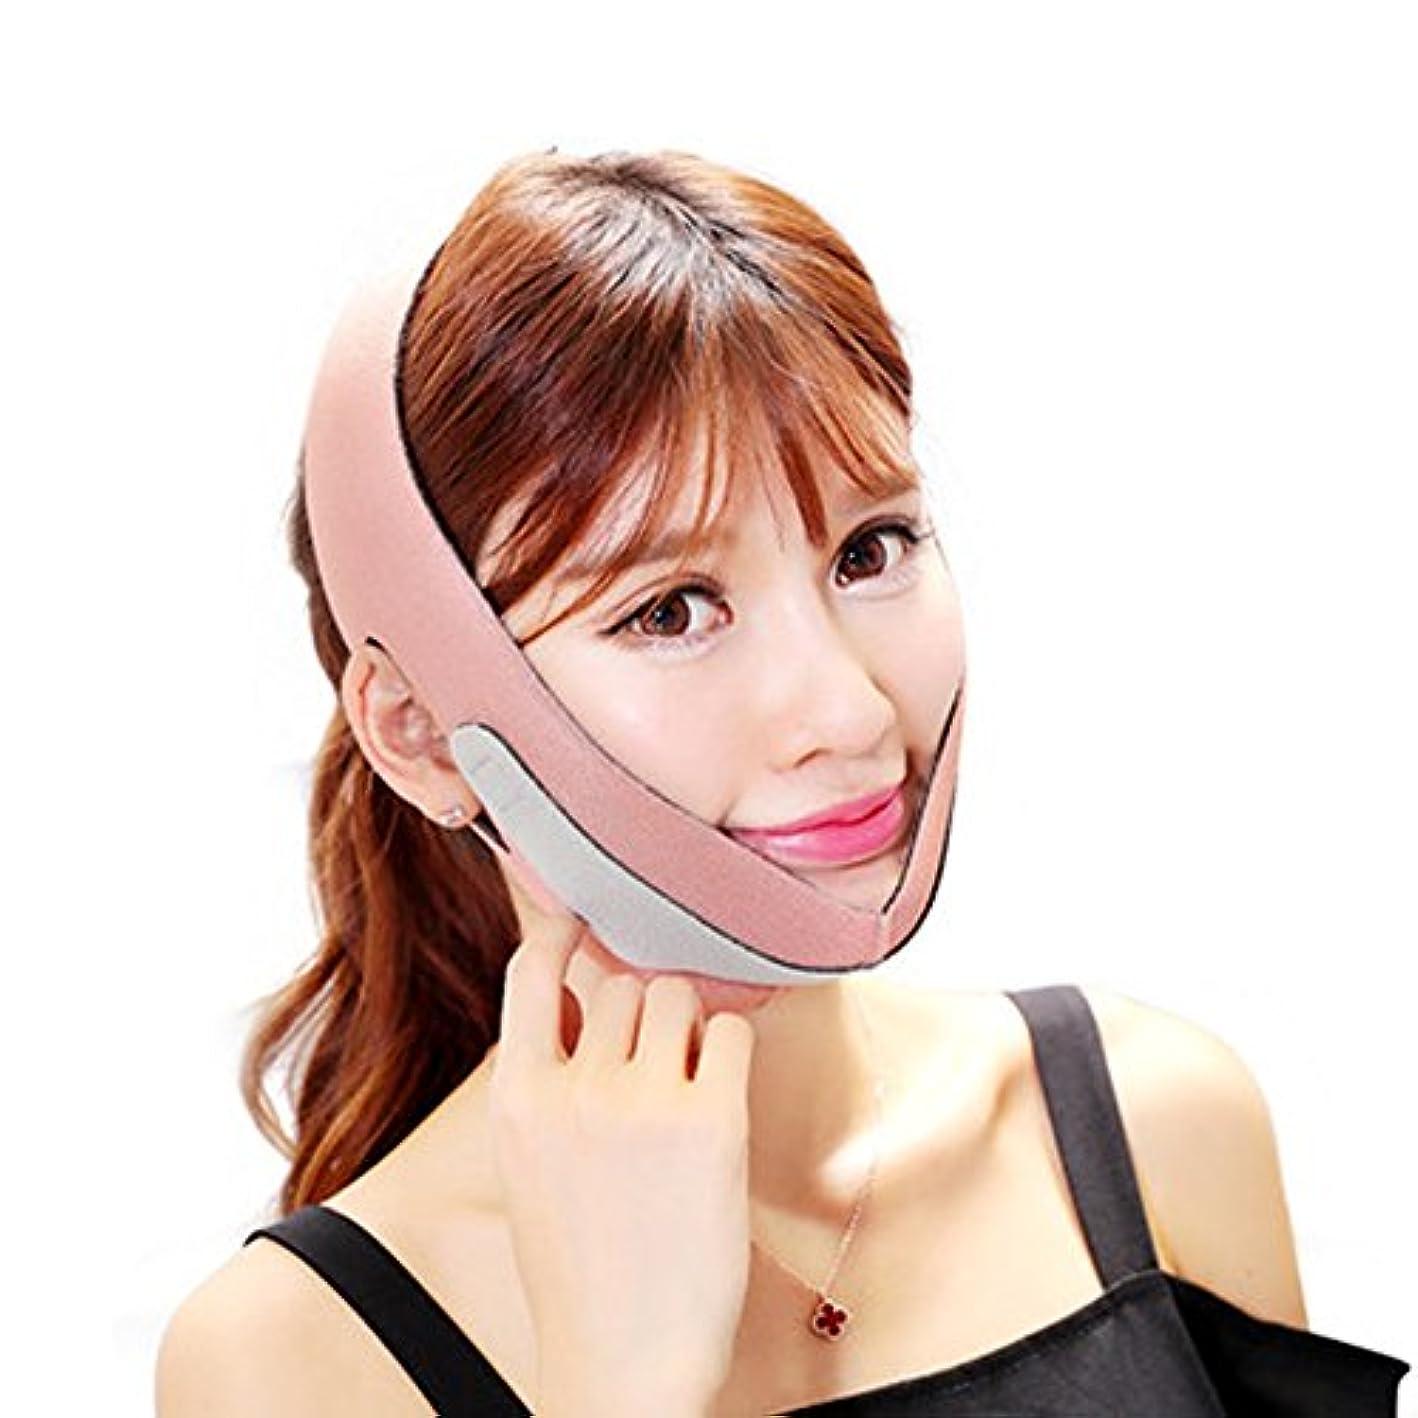 モードリン六月診断するLittleliving 小顔 矯正 美顔 顔痩せ グッズ フェイス マスク ベルト コルセット メンズ サポーター